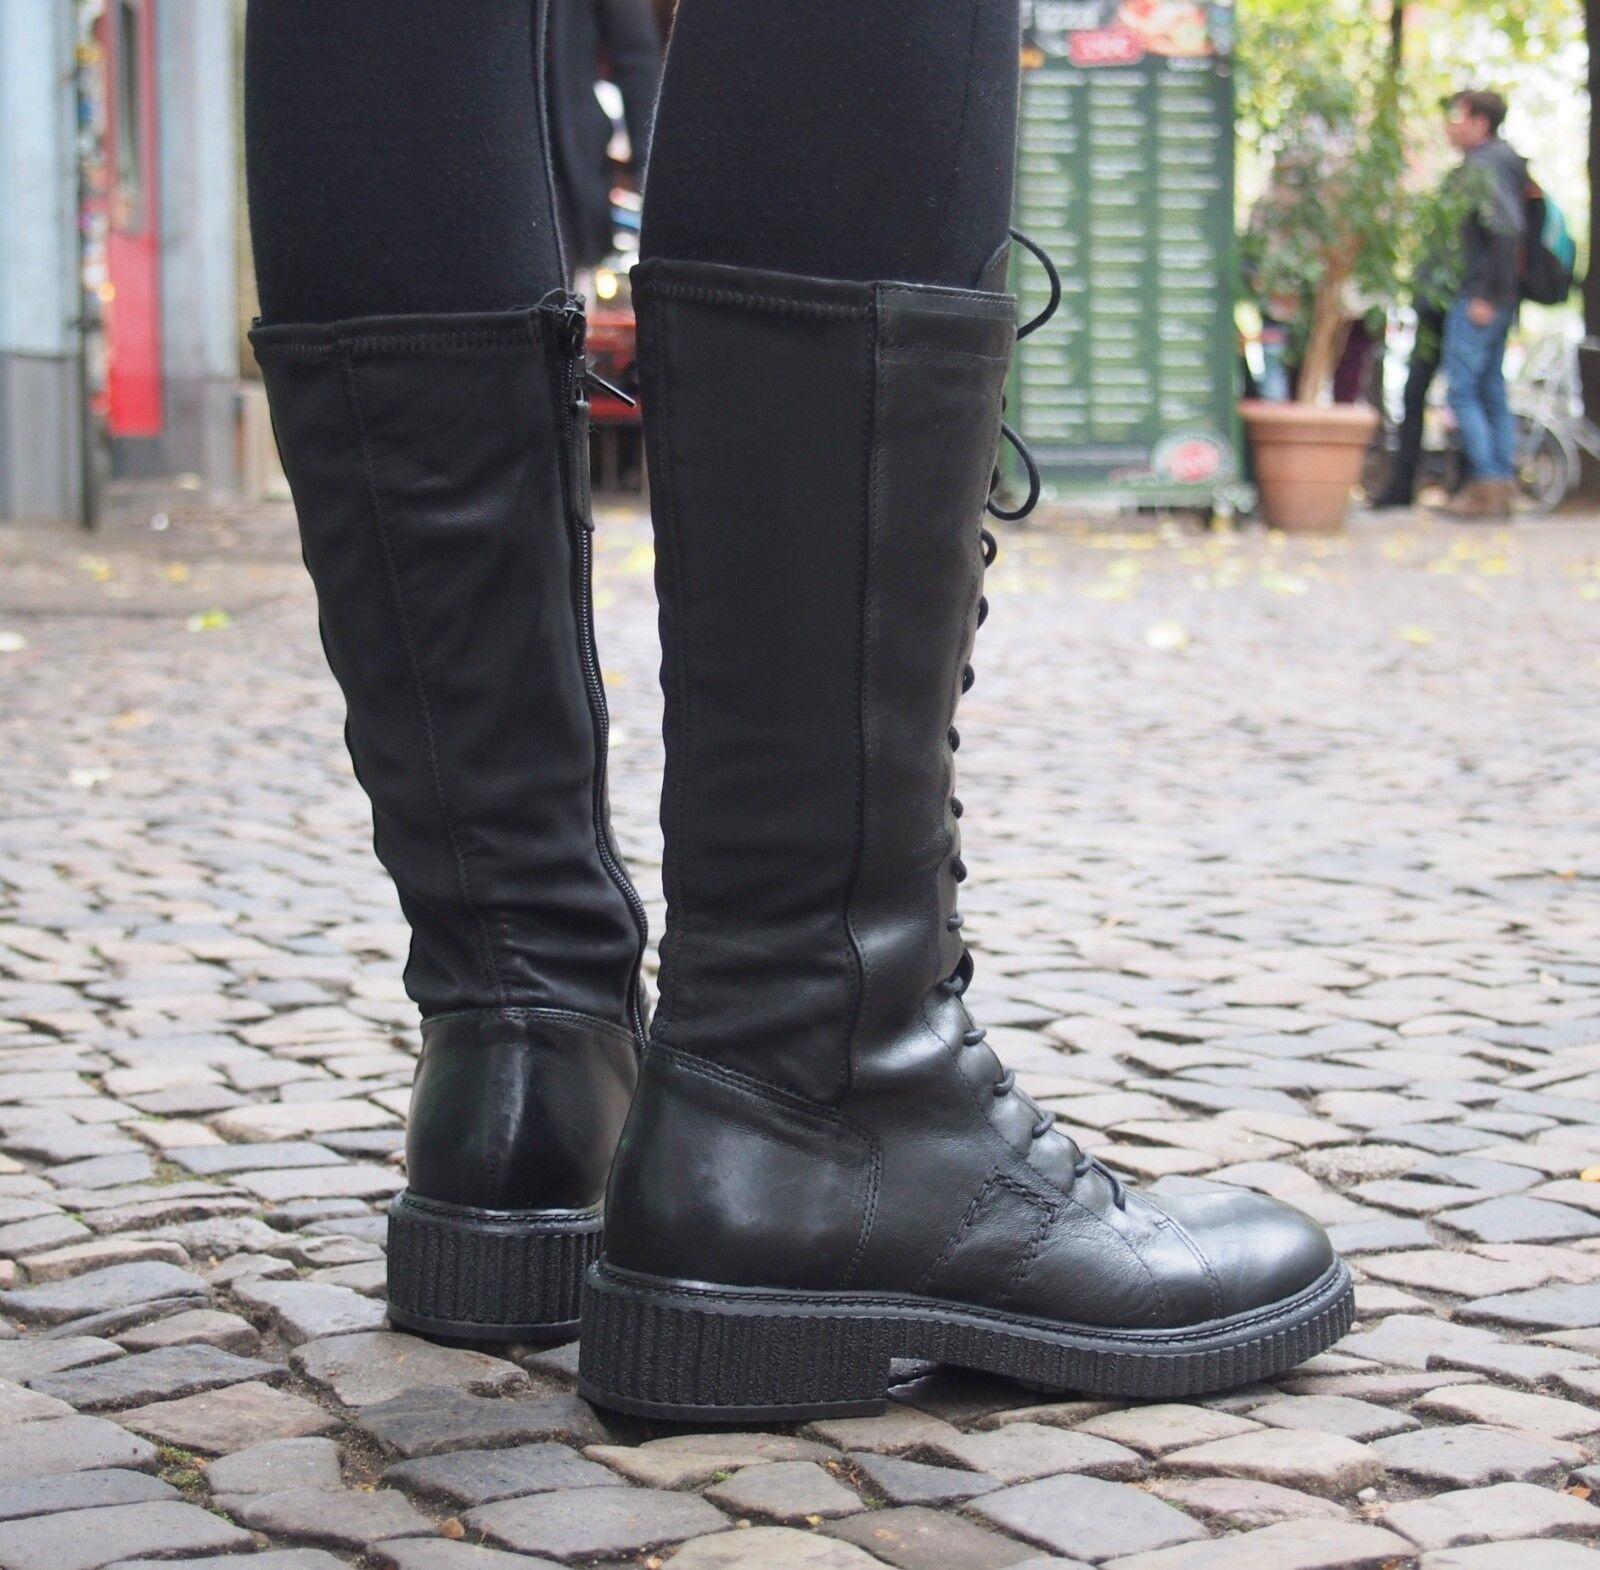 MJUS stretch Stiefel Creep 132311 Echtleder schwarz schwarz Damenstiefel  SALE NEU